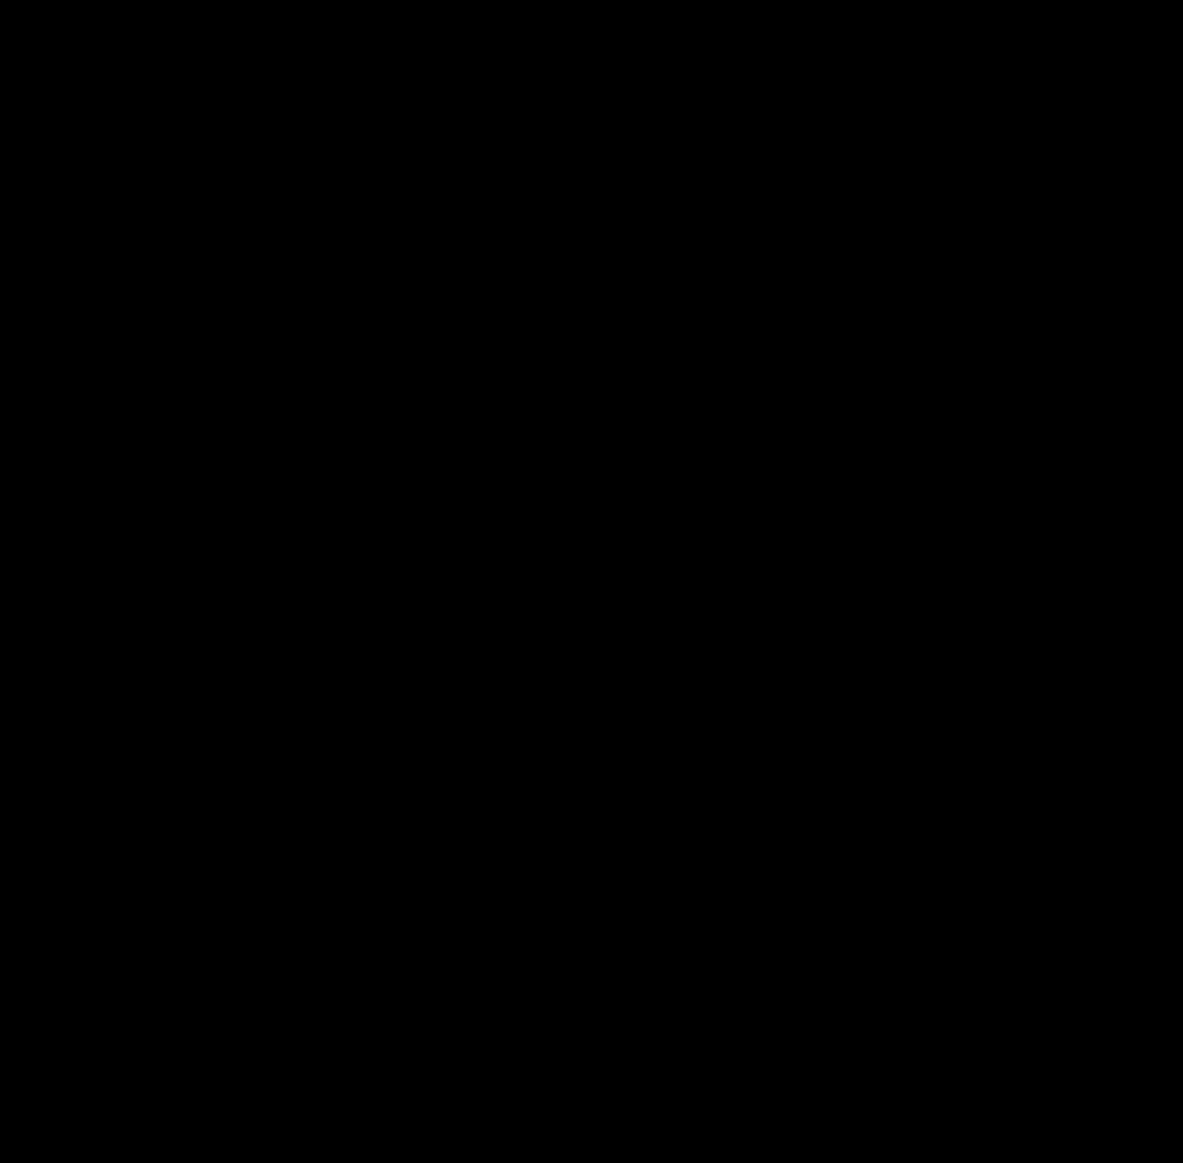 学校/教育/学習塾/レッスン系と高級感/気品と黒のロゴ